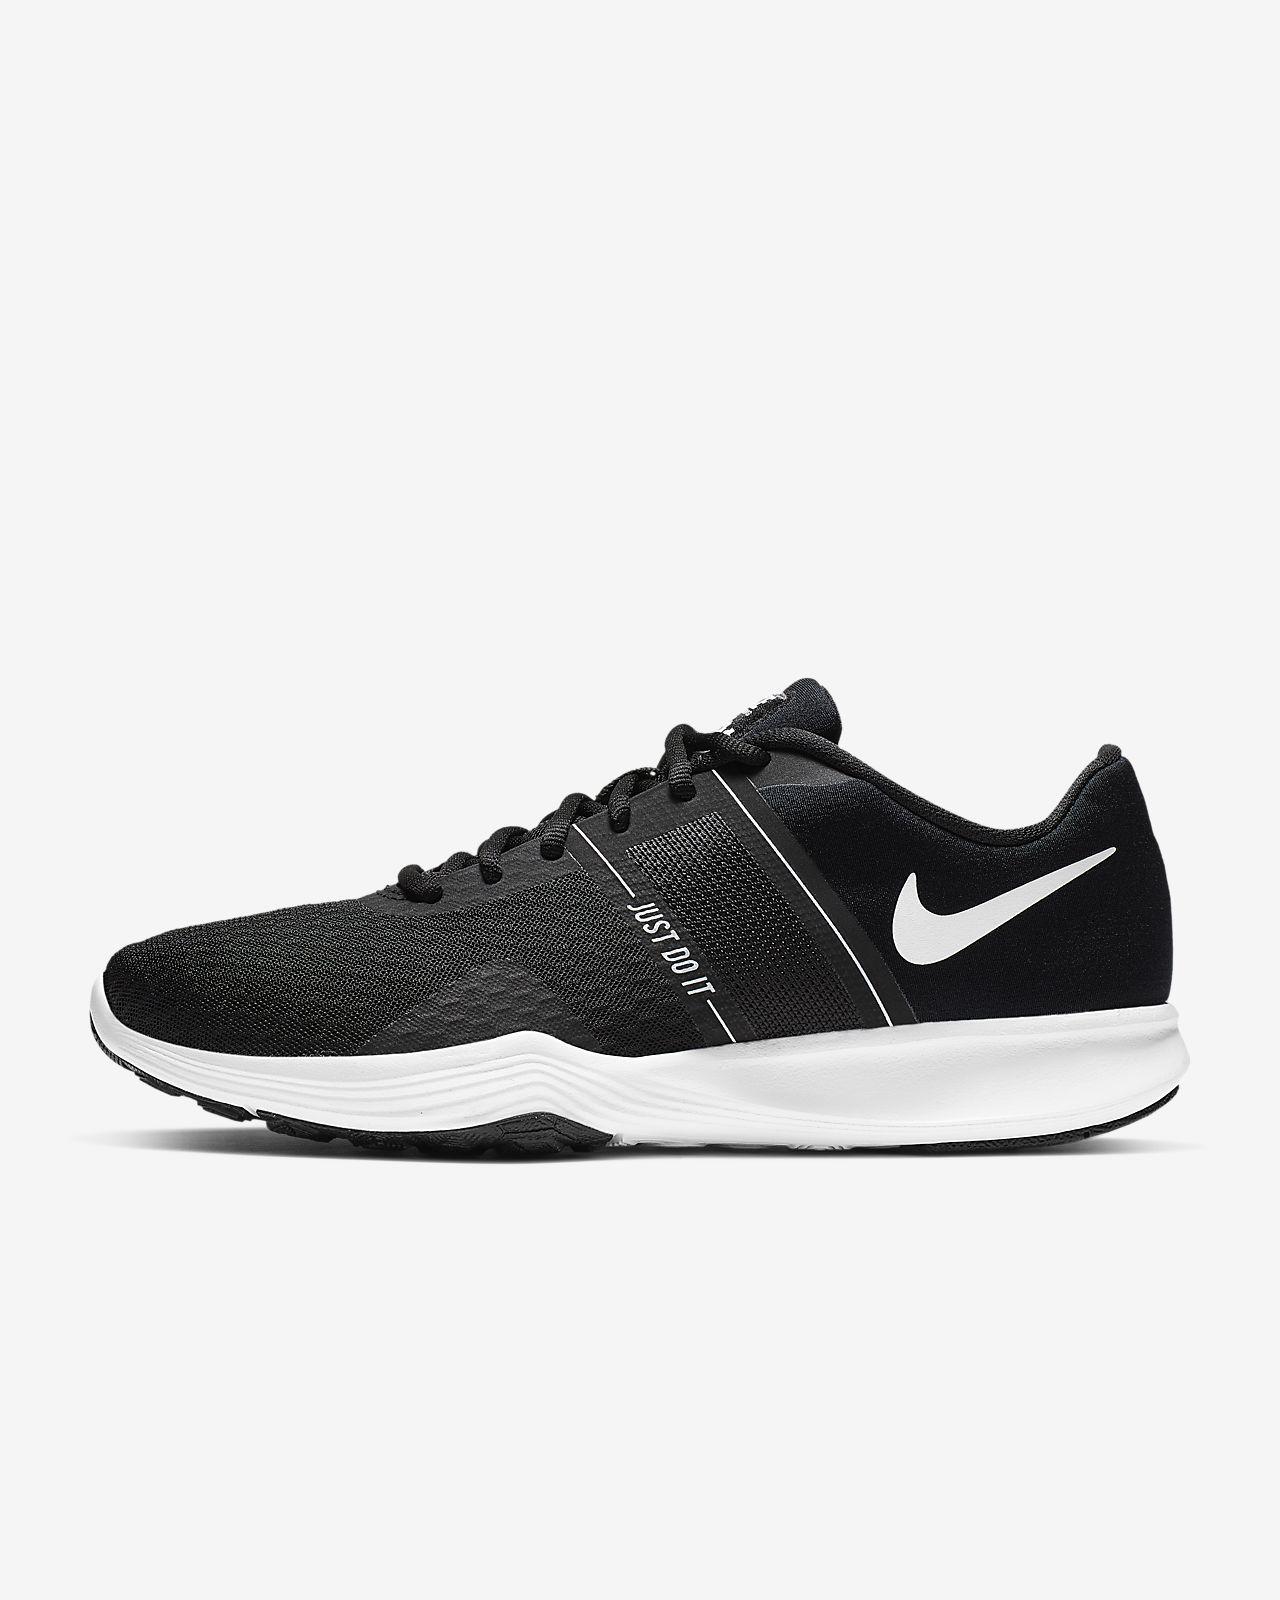 online retailer 7f2d6 9d206 ... Chaussure de training Nike City Trainer 2 pour Femme